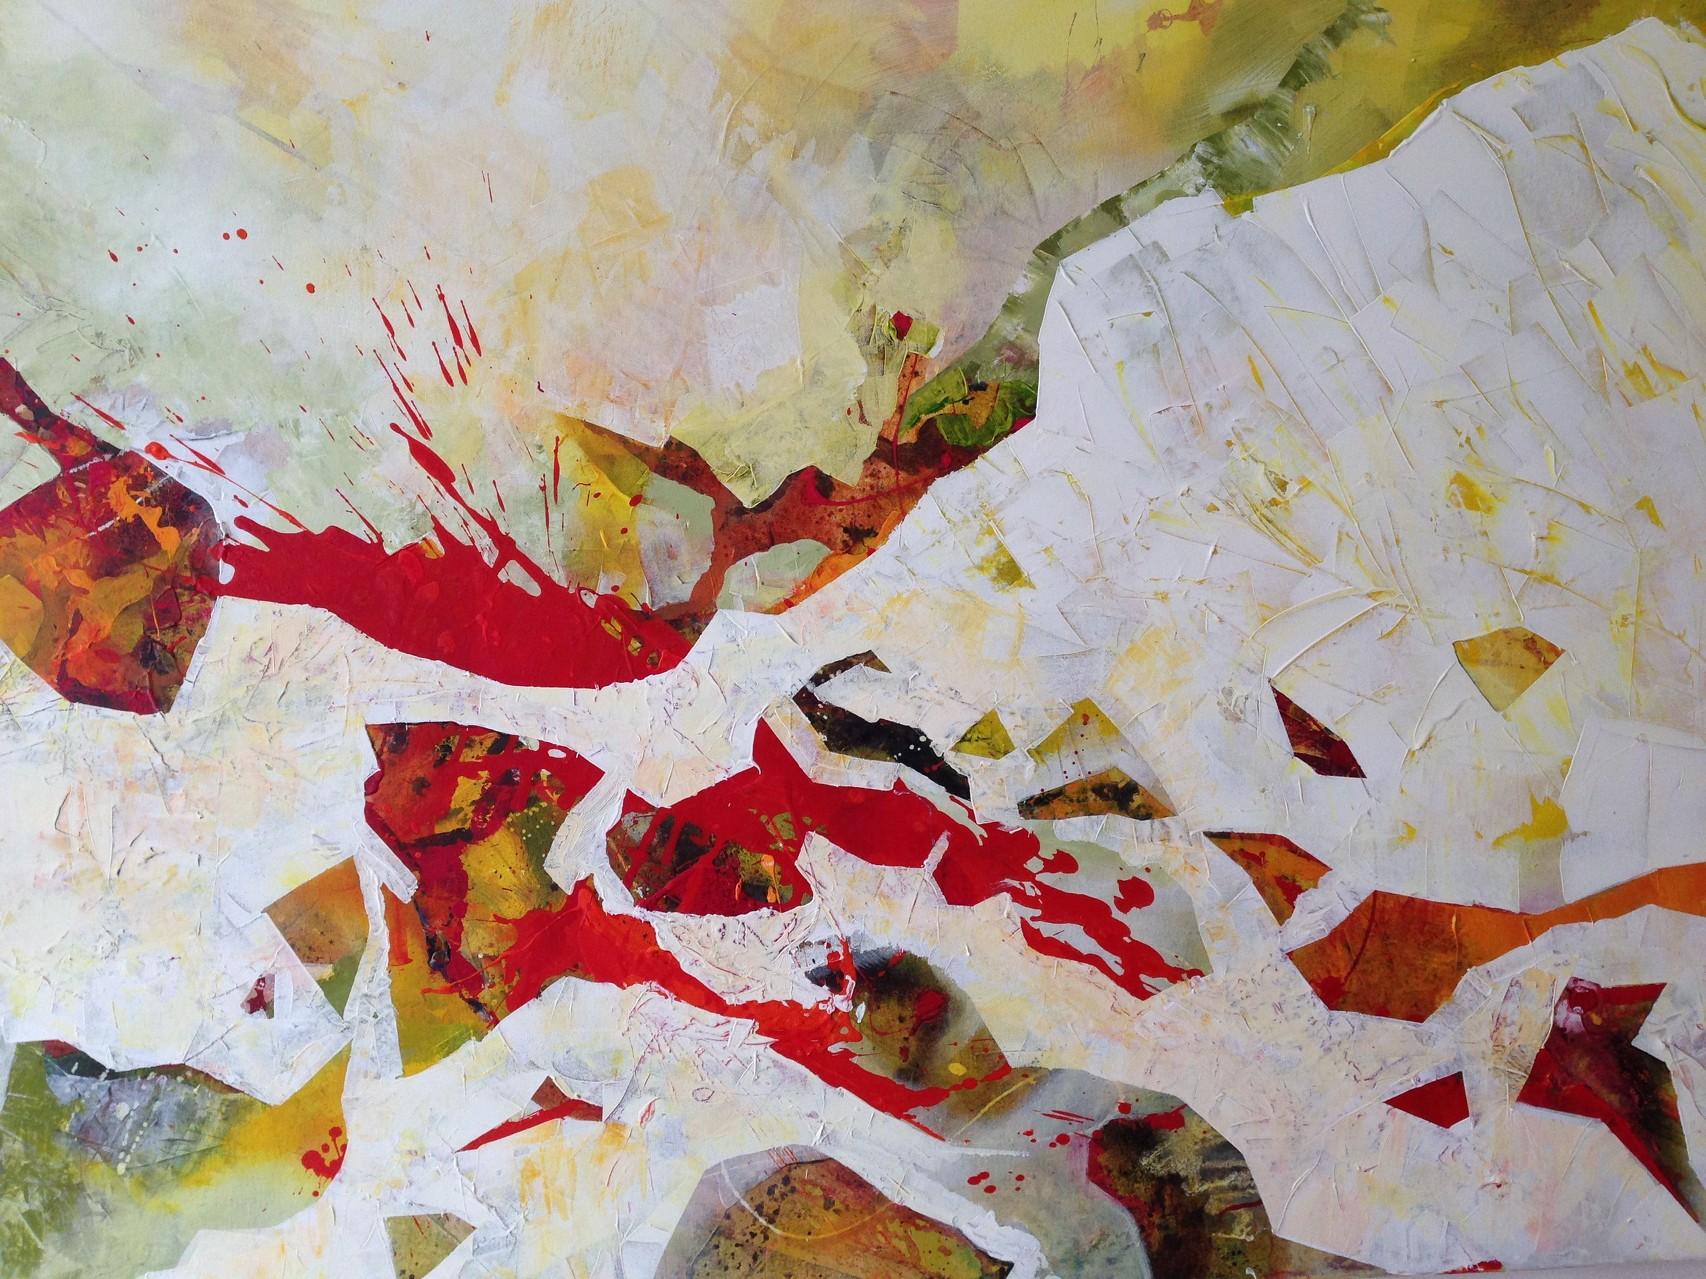 Herzblut, Acryl auf Leinwand, 120 x 100 cm